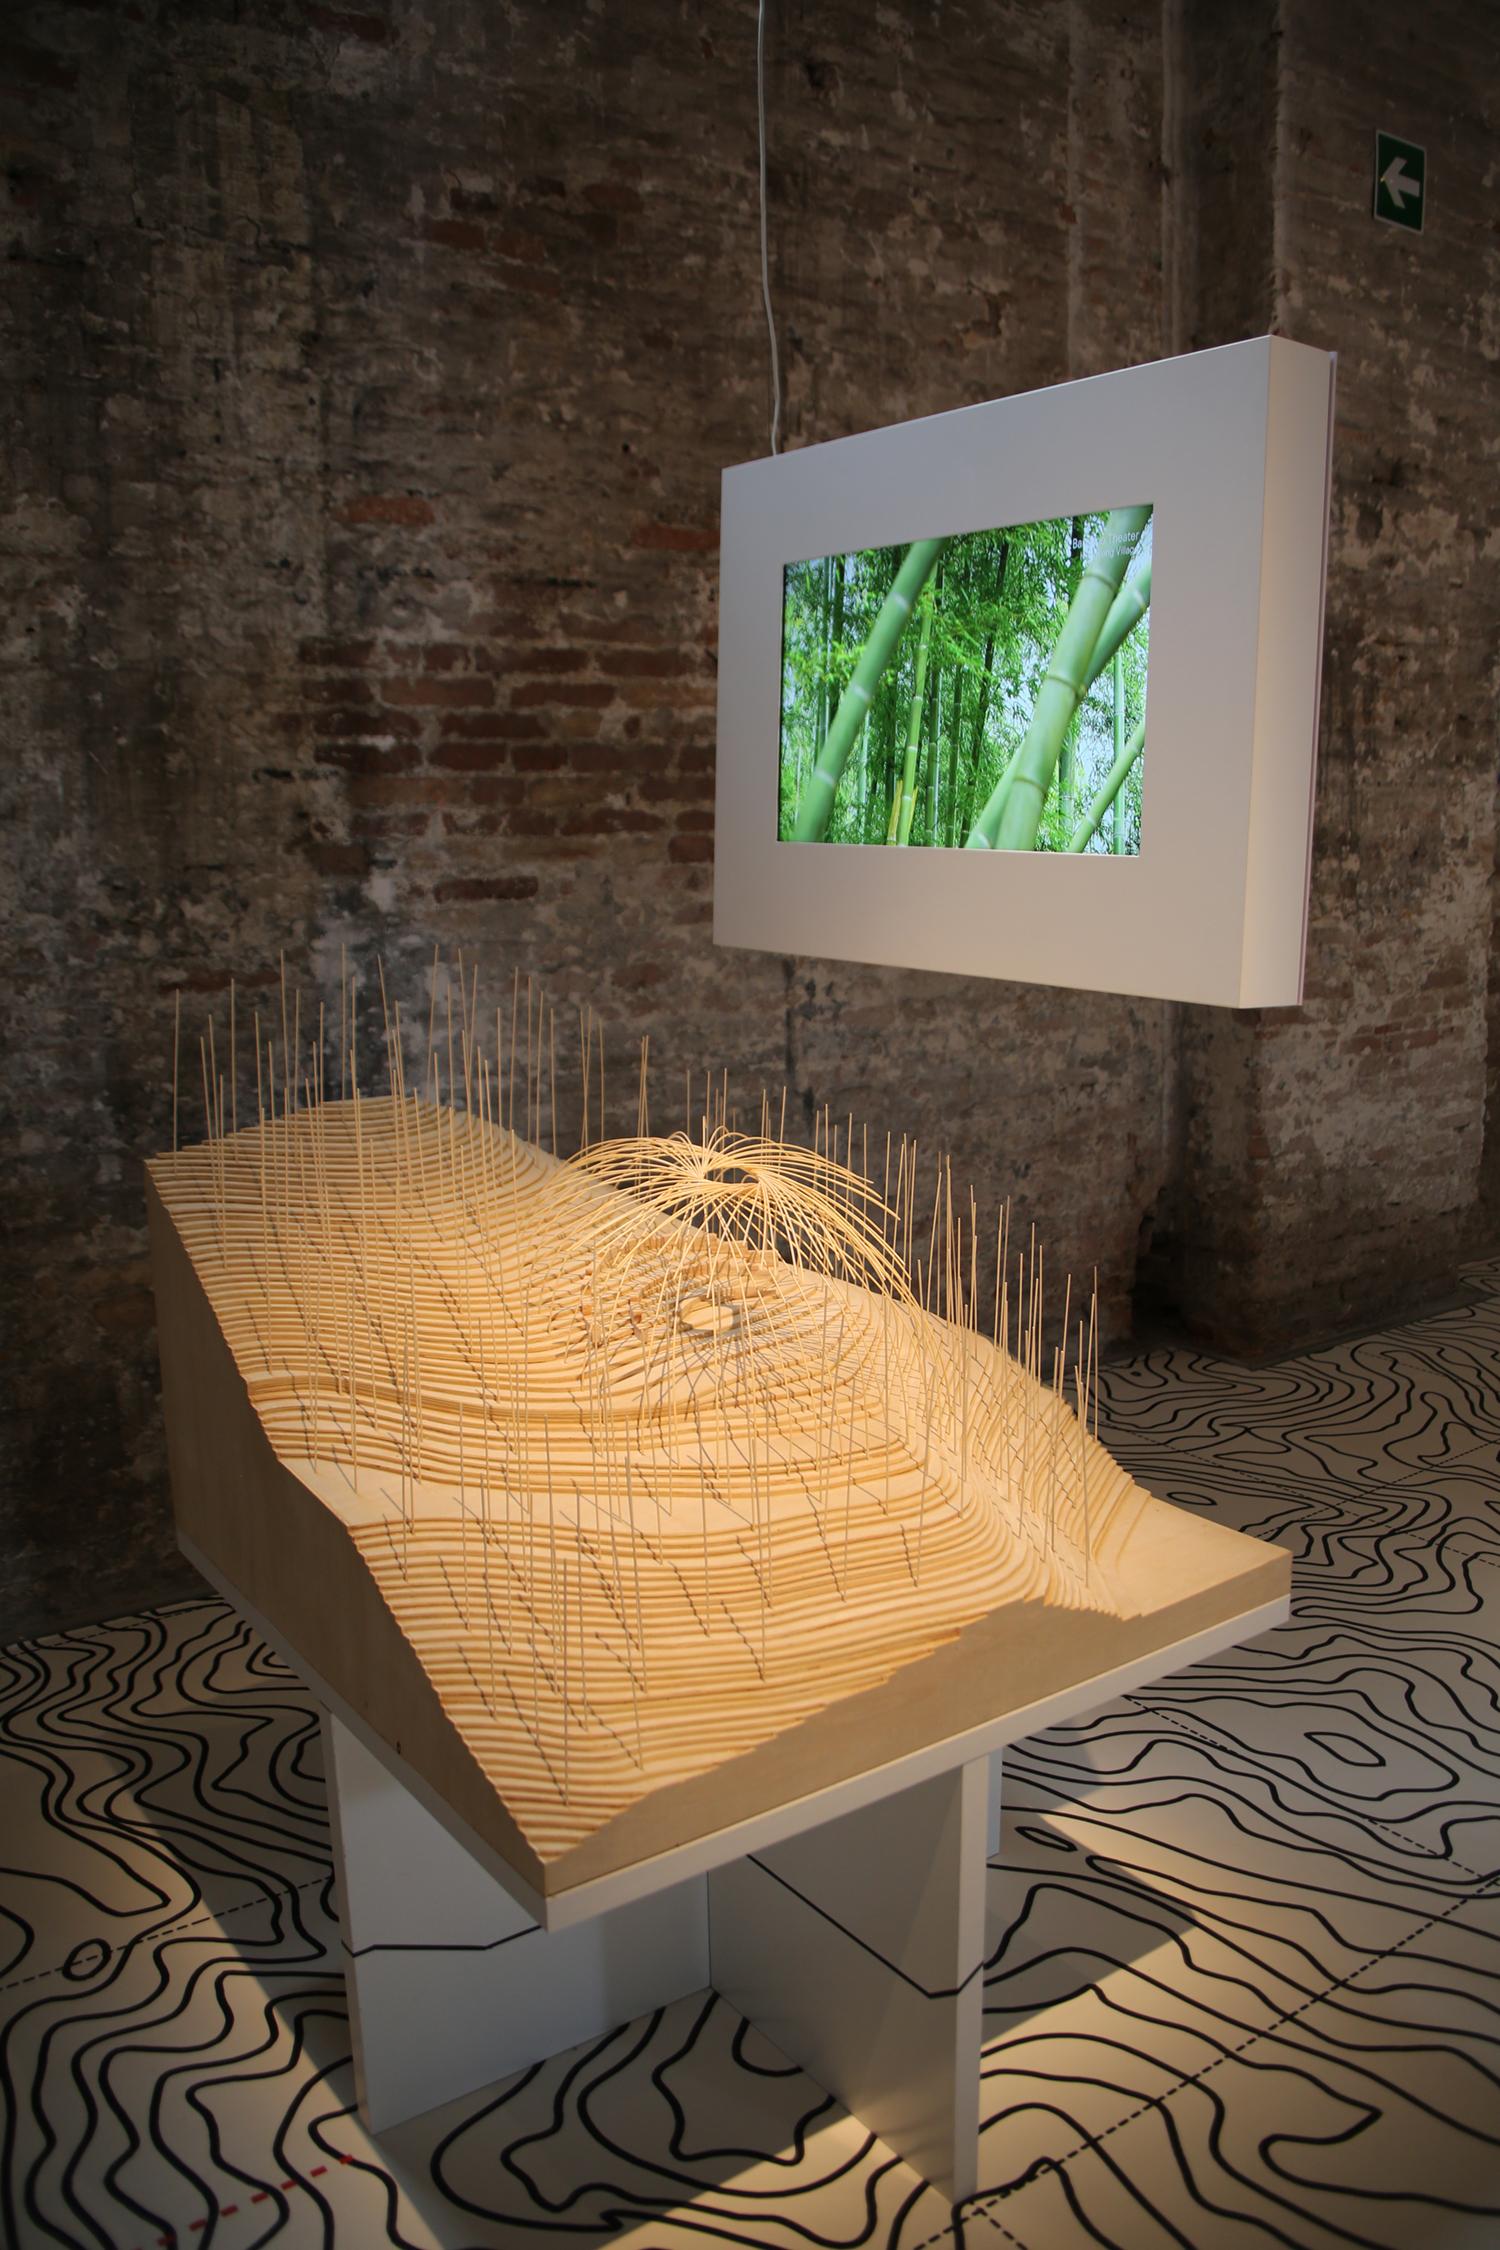 biennale architecture venise 2018 472.JPG